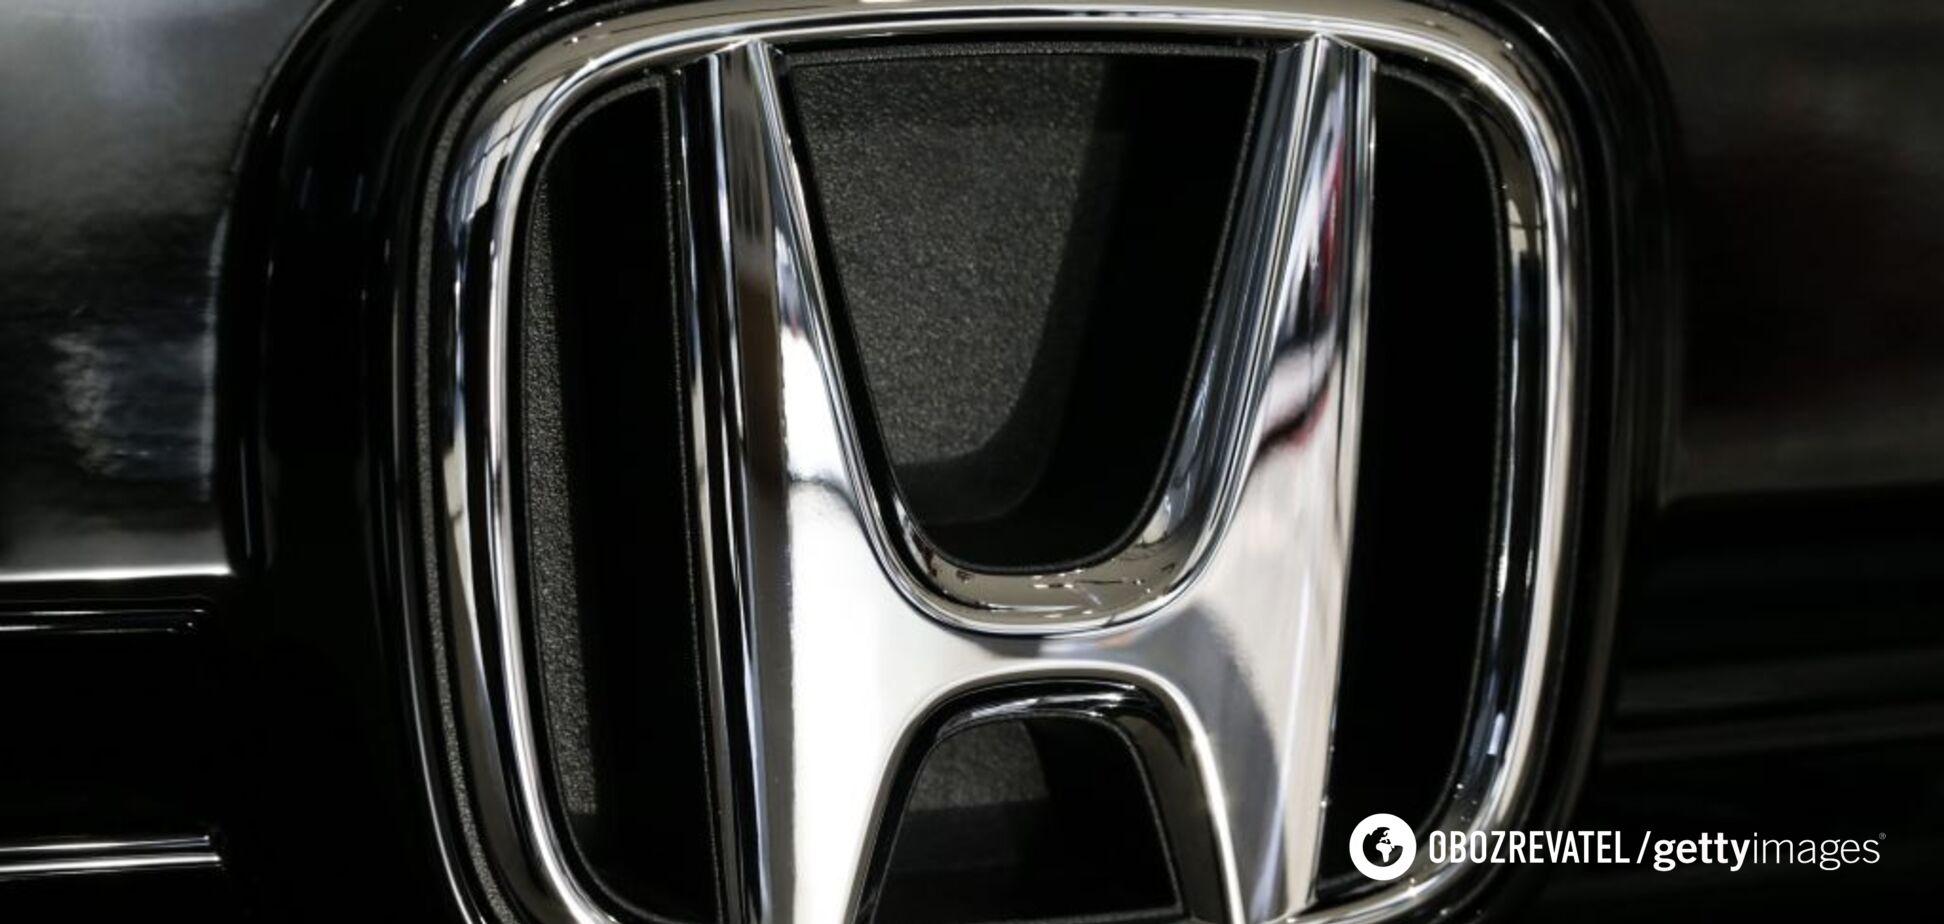 Honda відмовиться від випуску дизельних авто: які машини зникнуть з ринку